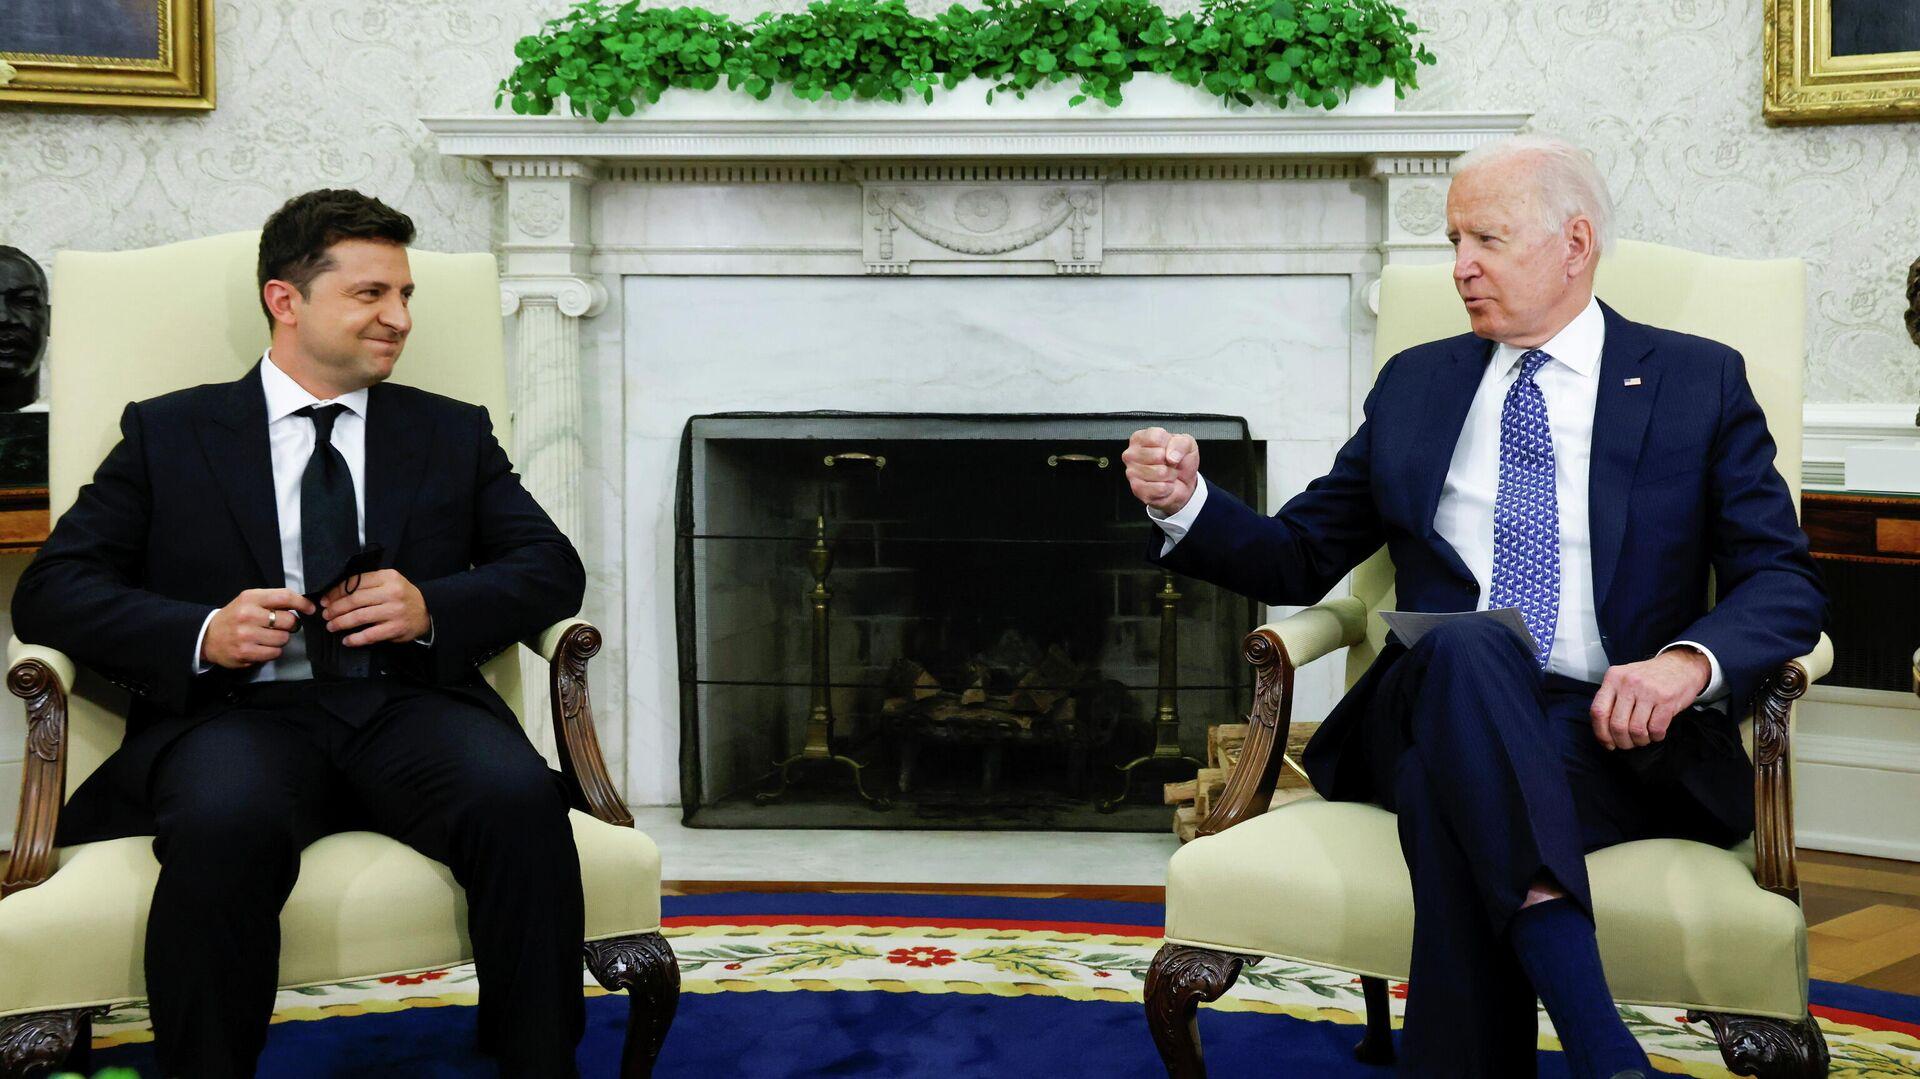 El presidente ucraniano, Volodímir Zelenski, y el presidente de EEUU, Joe Biden - Sputnik Mundo, 1920, 21.09.2021